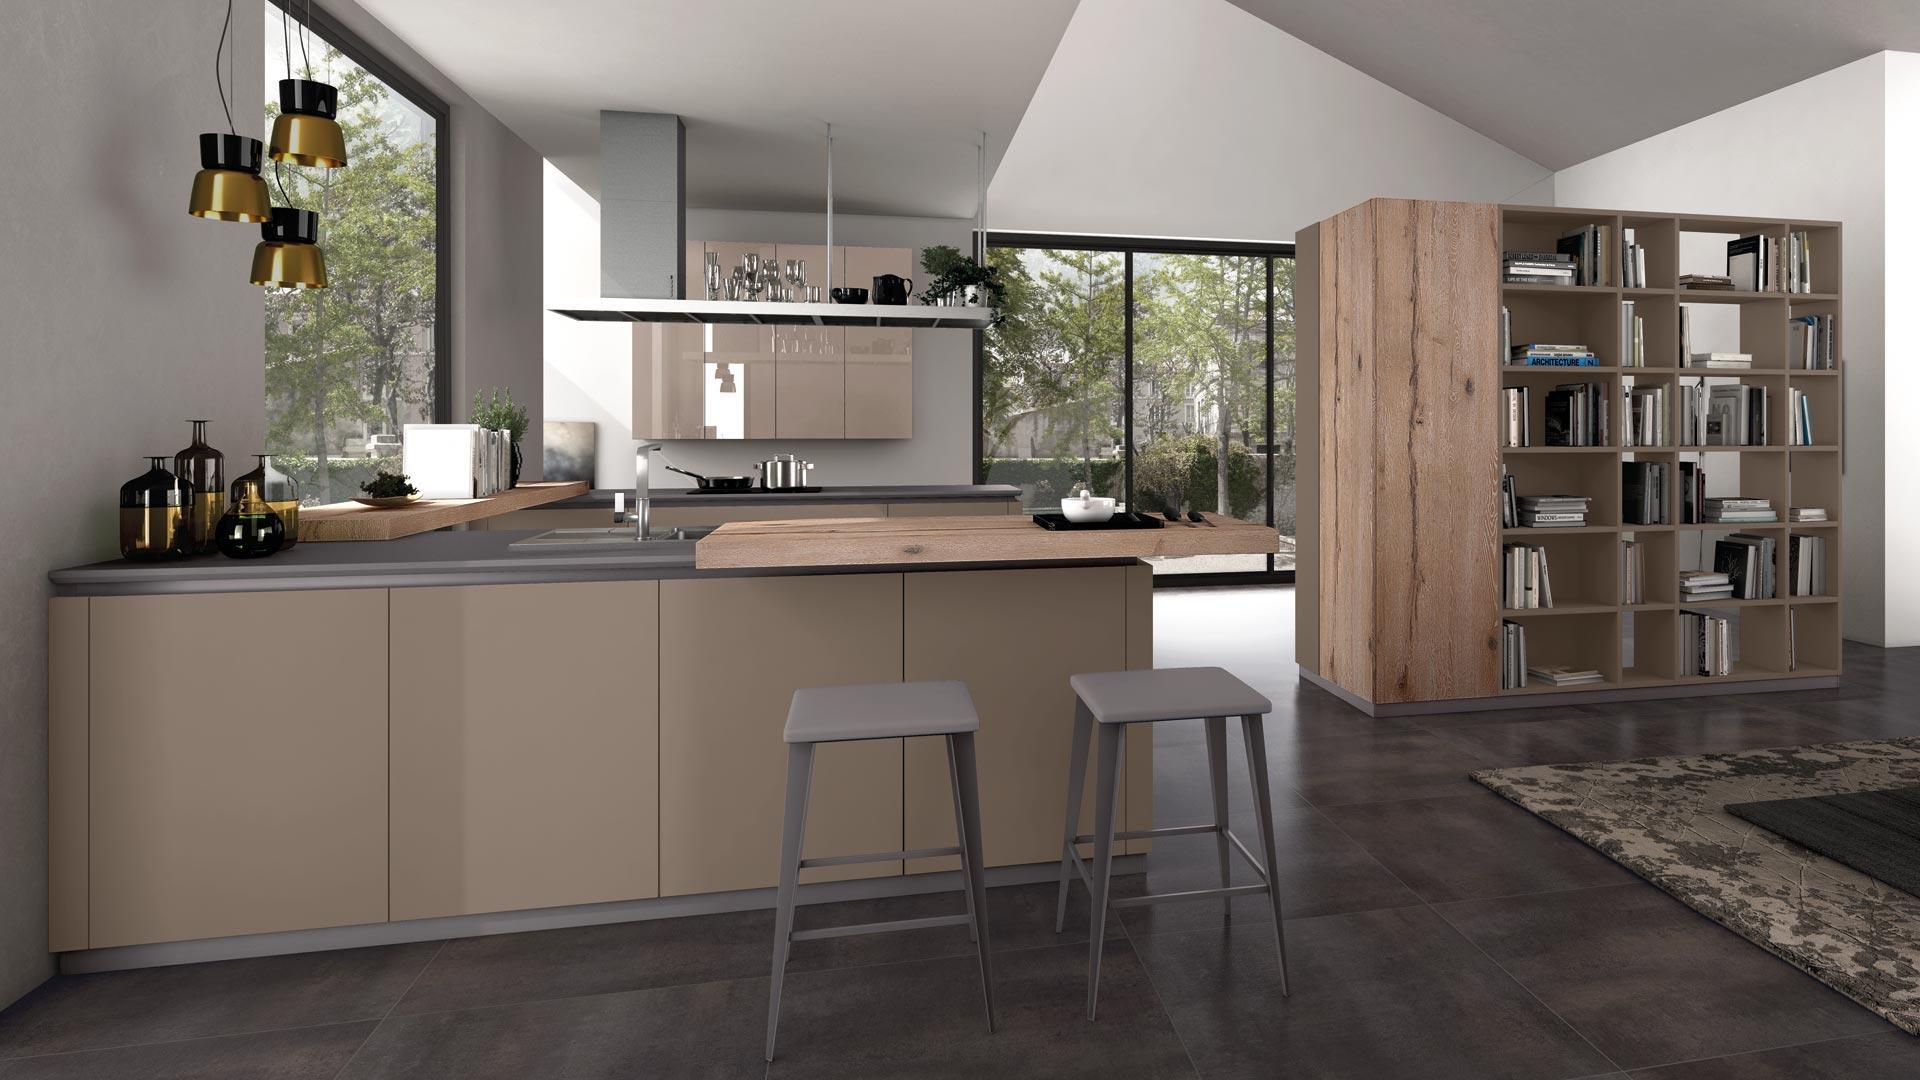 Lube Cucina OLTRE Design Materico Www.olimparredamenti.it #747853 1920 1080 Programma Per Progettare Cucina Lube